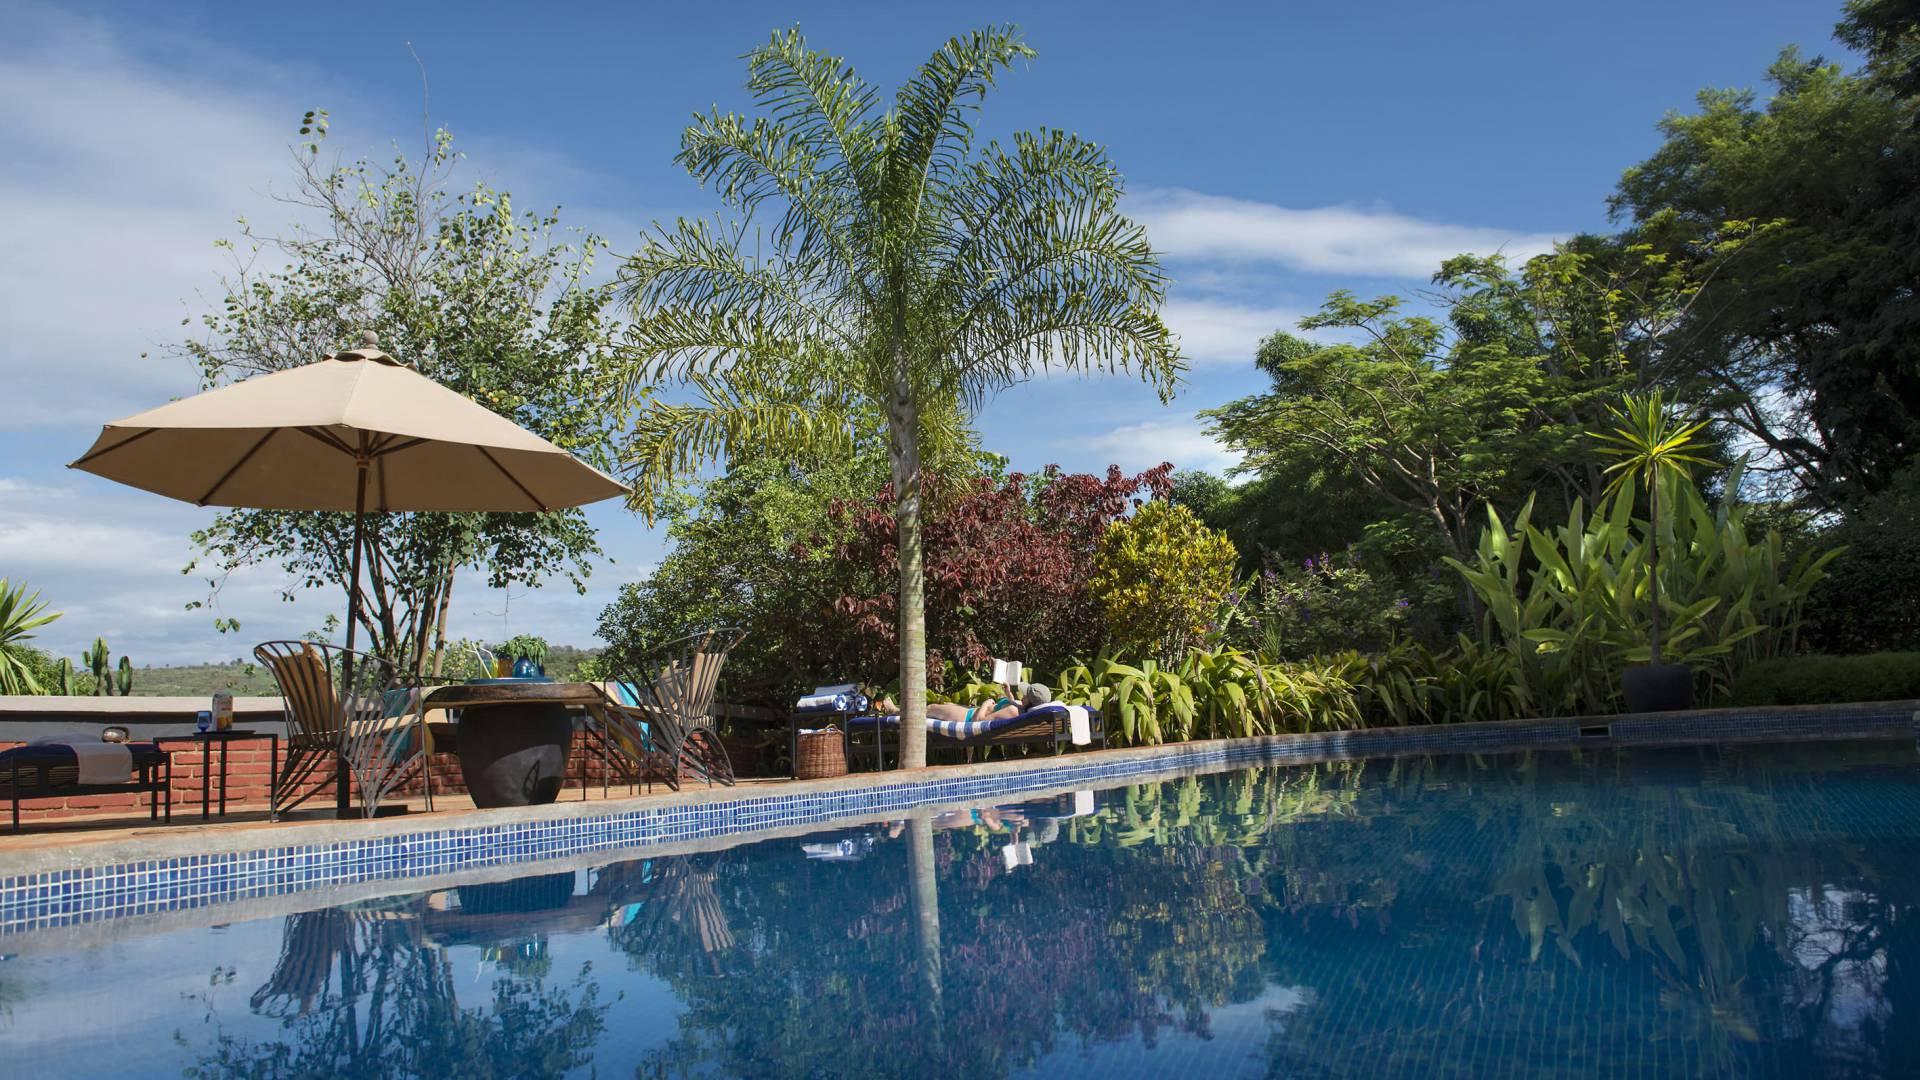 Swimmingpool im Außenbereich